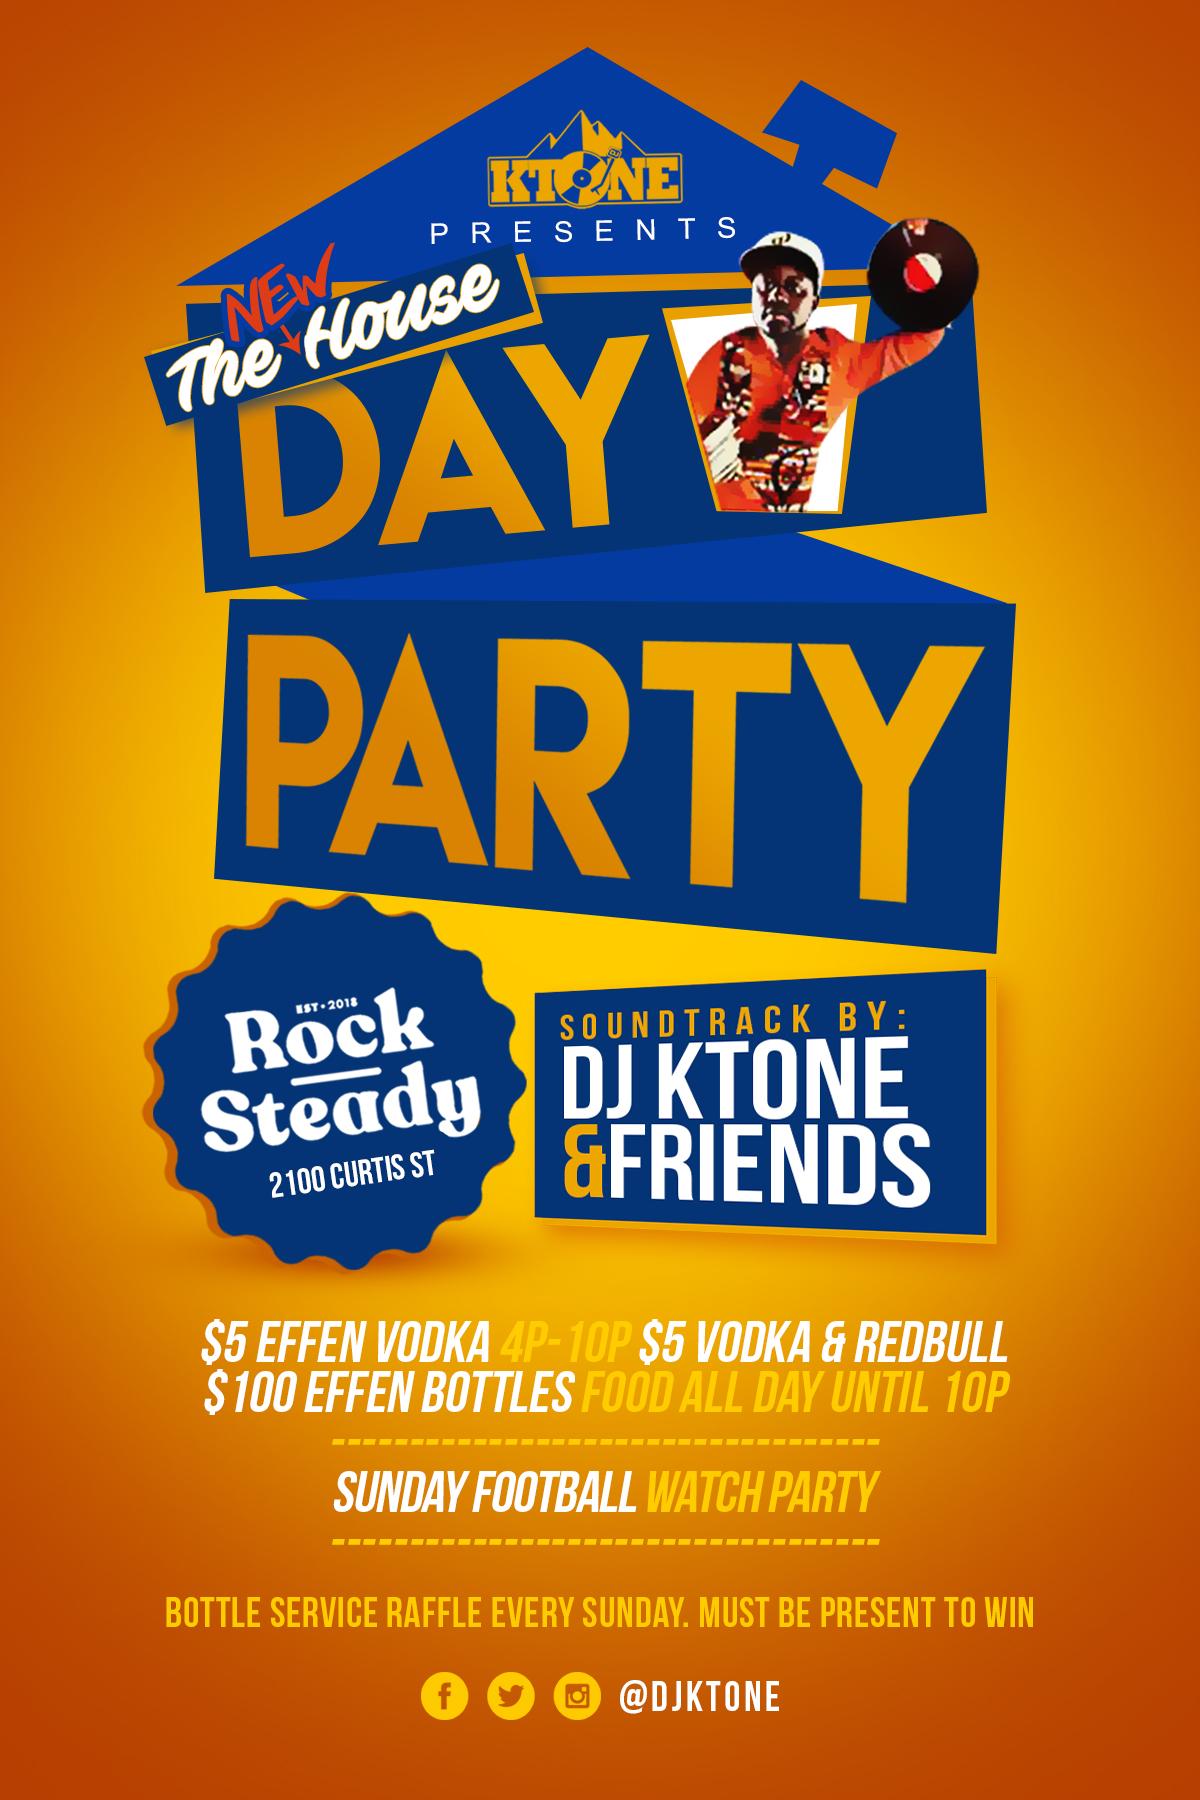 DJ Ktone - Day Party at Rock Steady every Sunday, Denver, Colorado